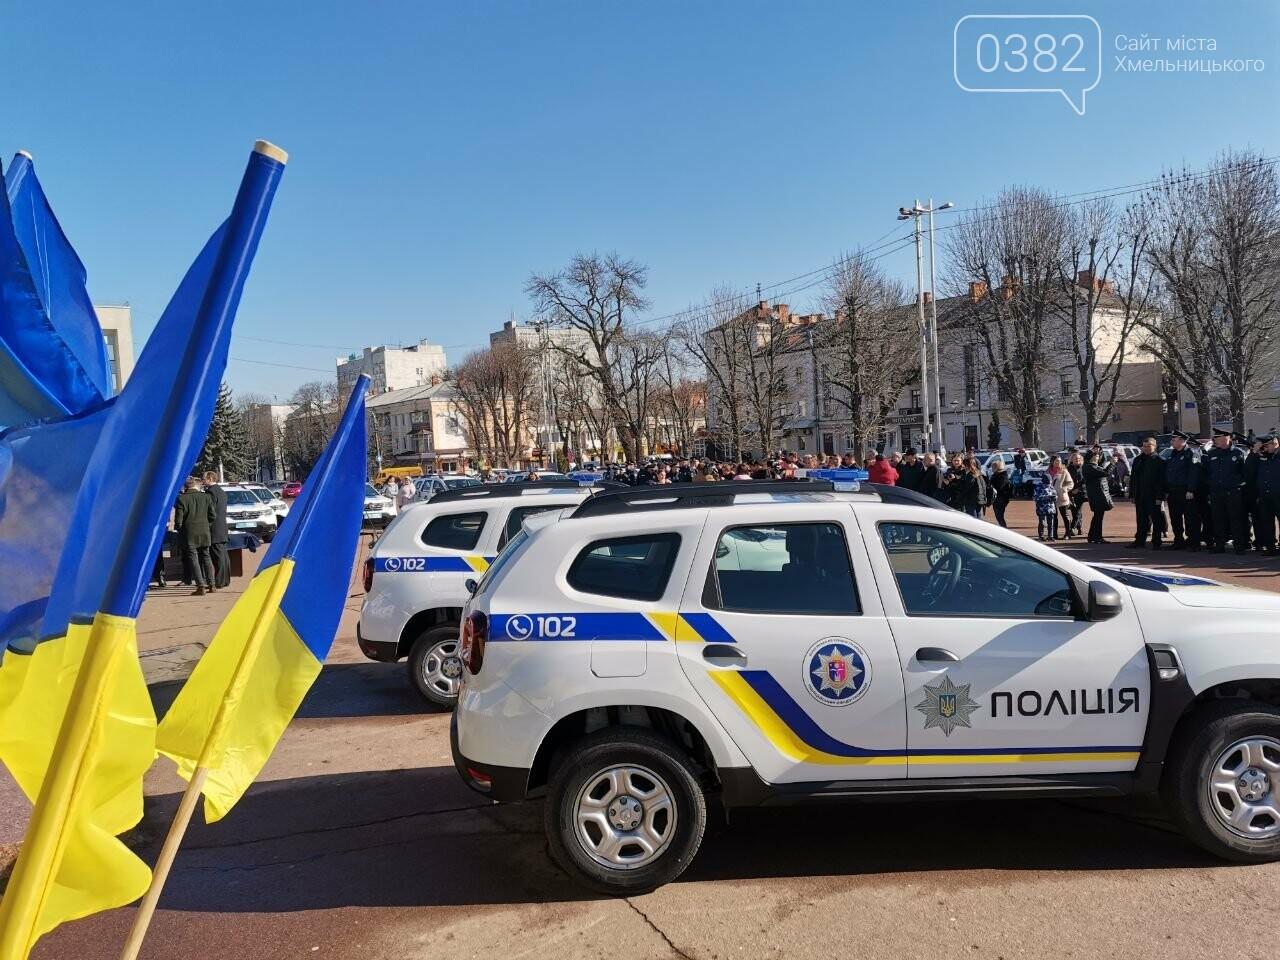 Хмельниччині вручили 43 поліцейських авто Renault Duster, фото-2